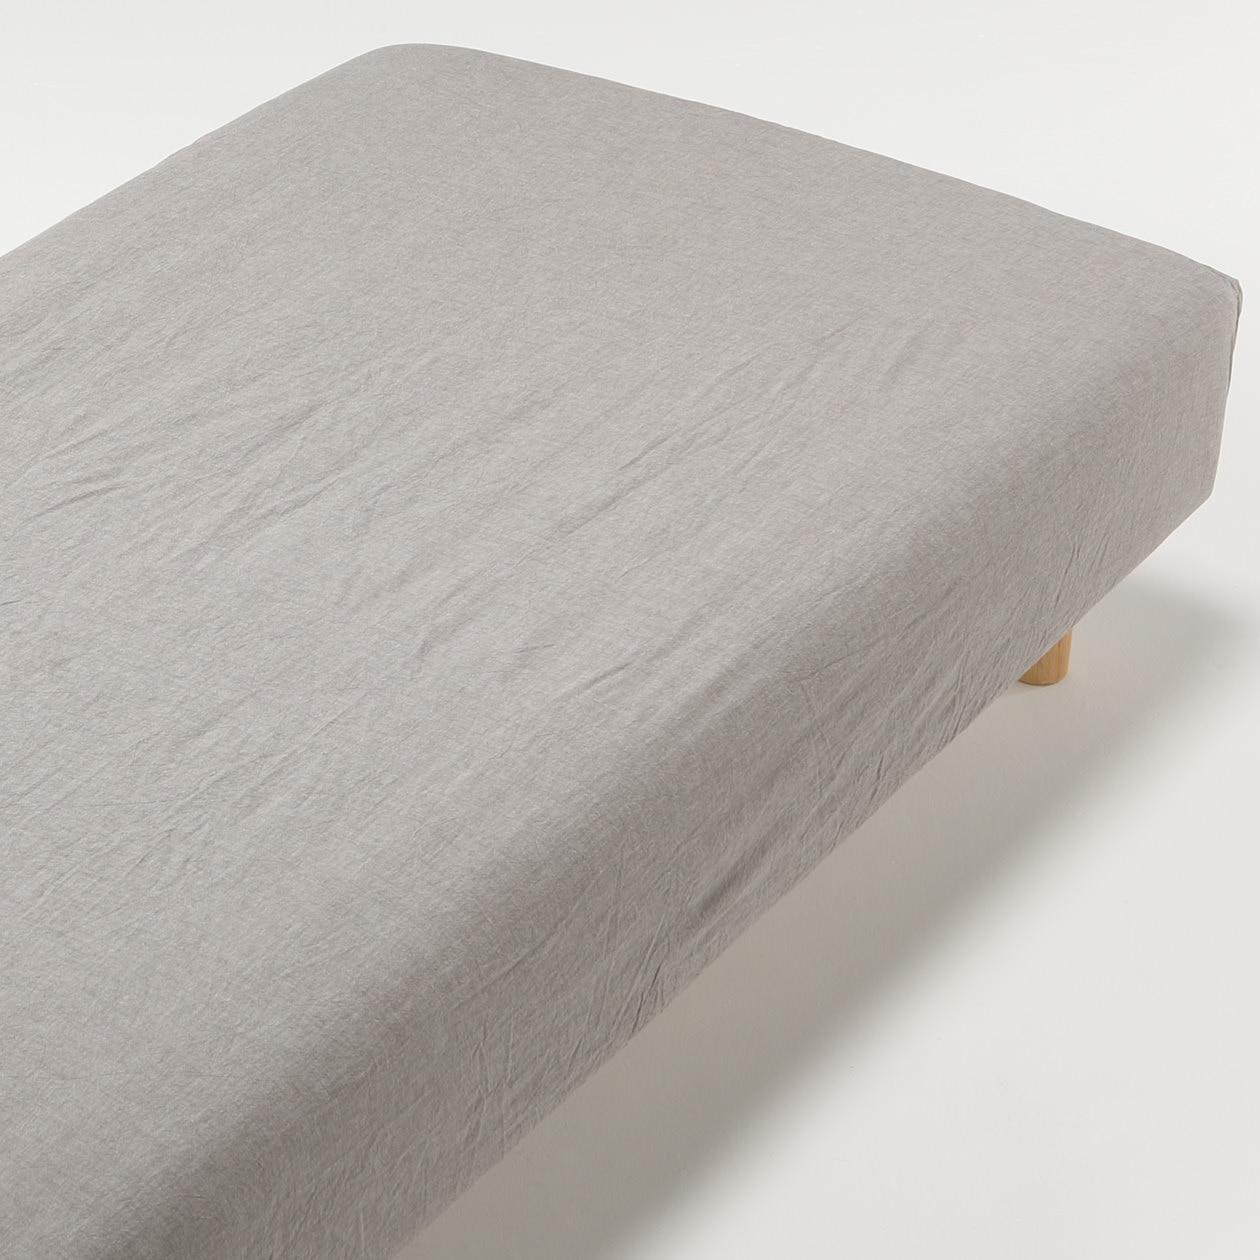 オーガニックコットン洗いざらしボックスシーツ・SD/ブラウンの写真